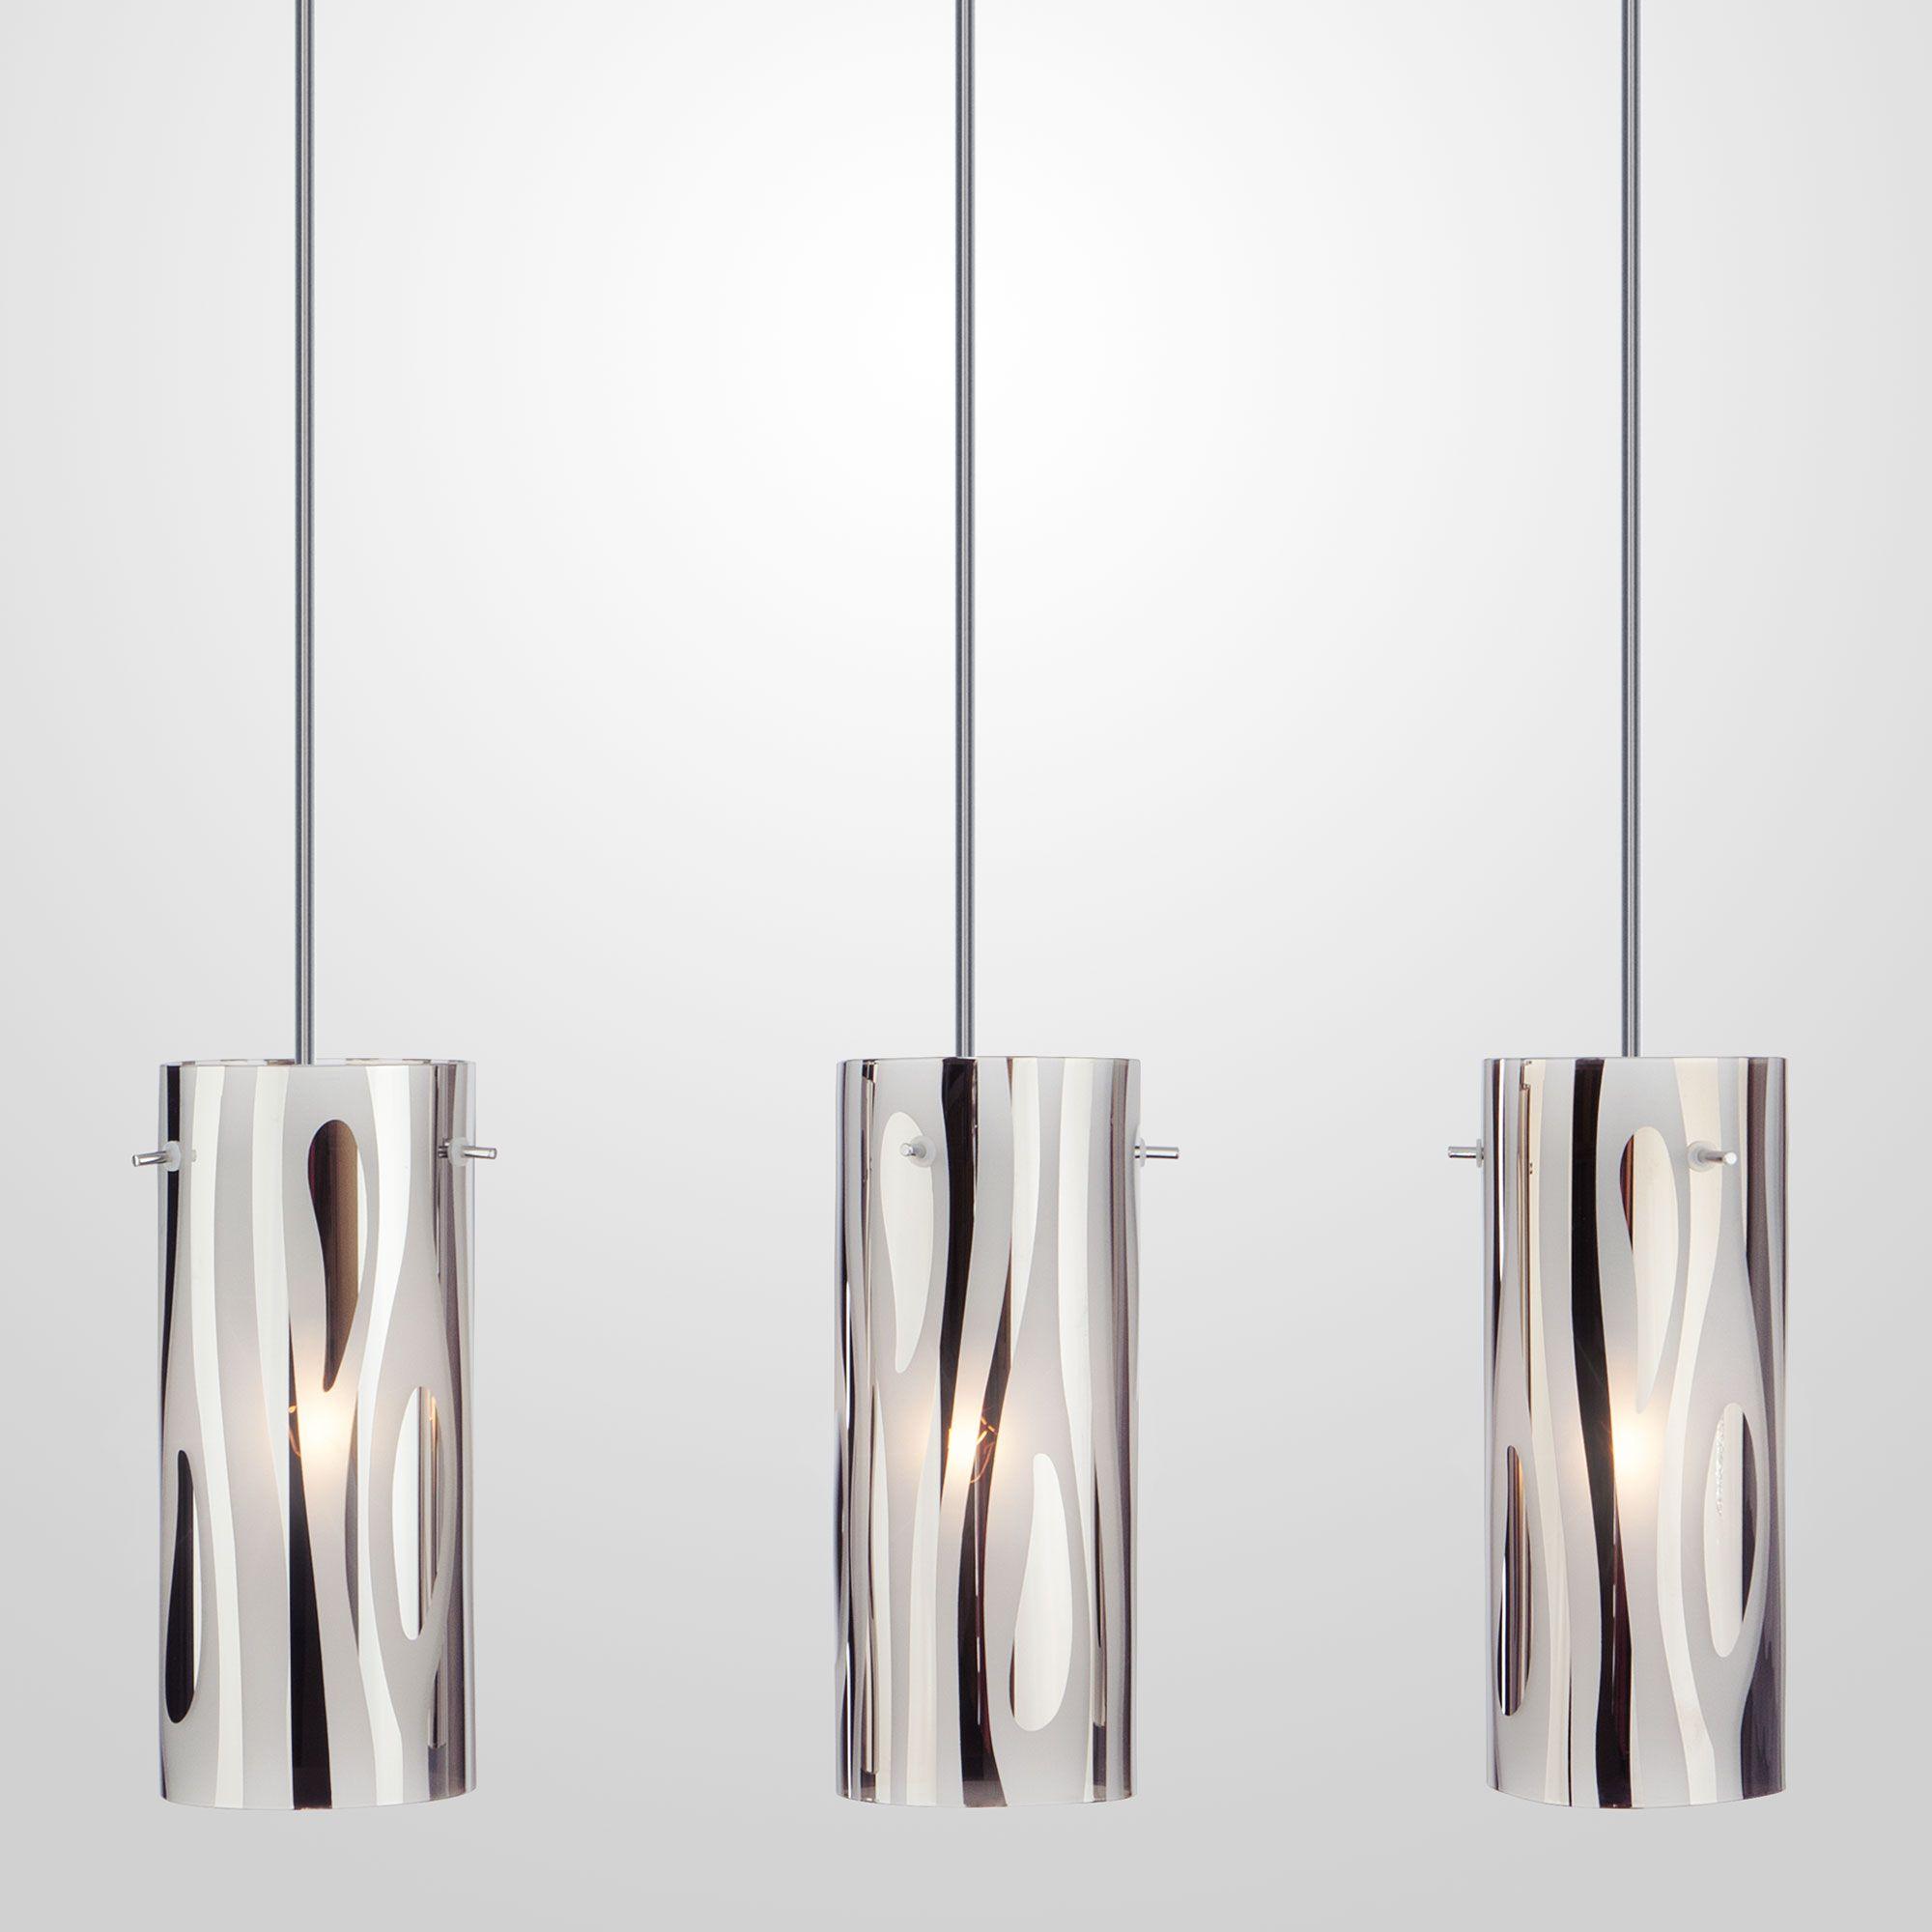 Подвесной светильник с плафонами из стекла 1575/3 хром